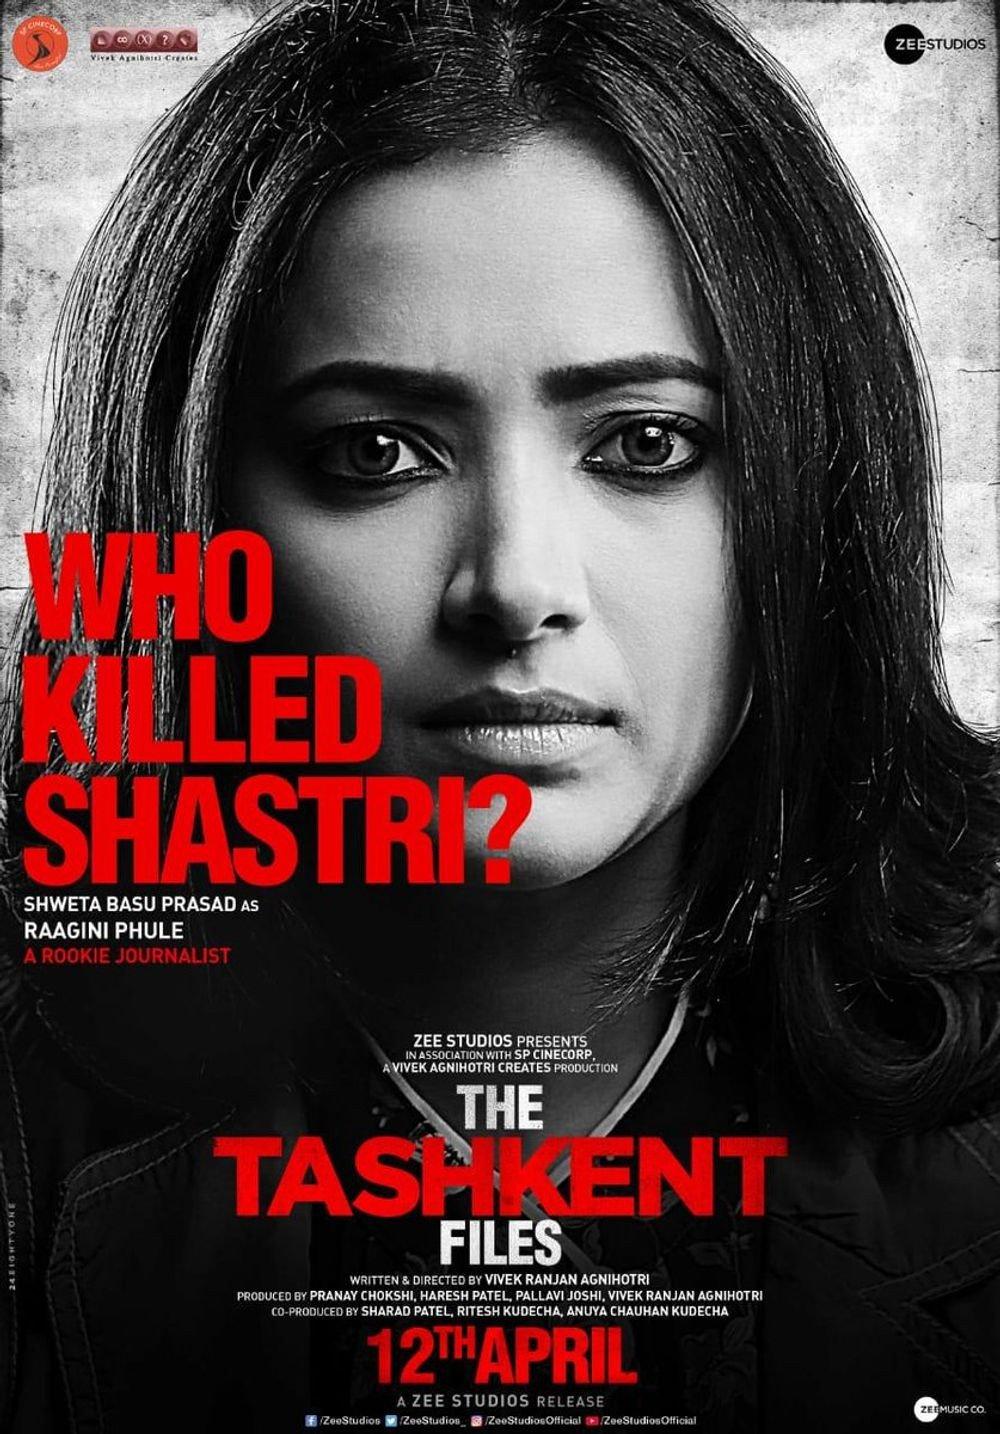 2-<p>The Tashkent Files</p>